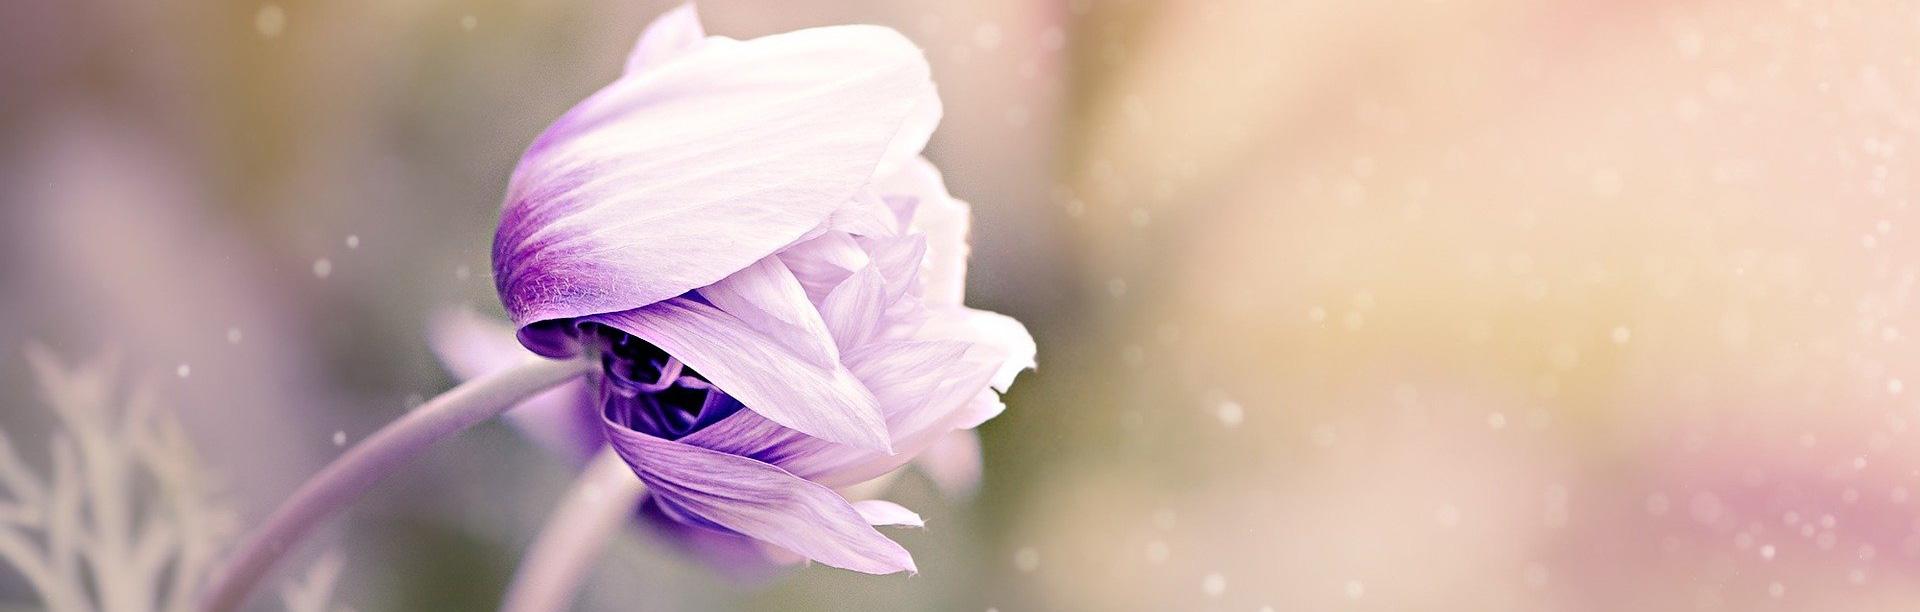 banner lila knospe